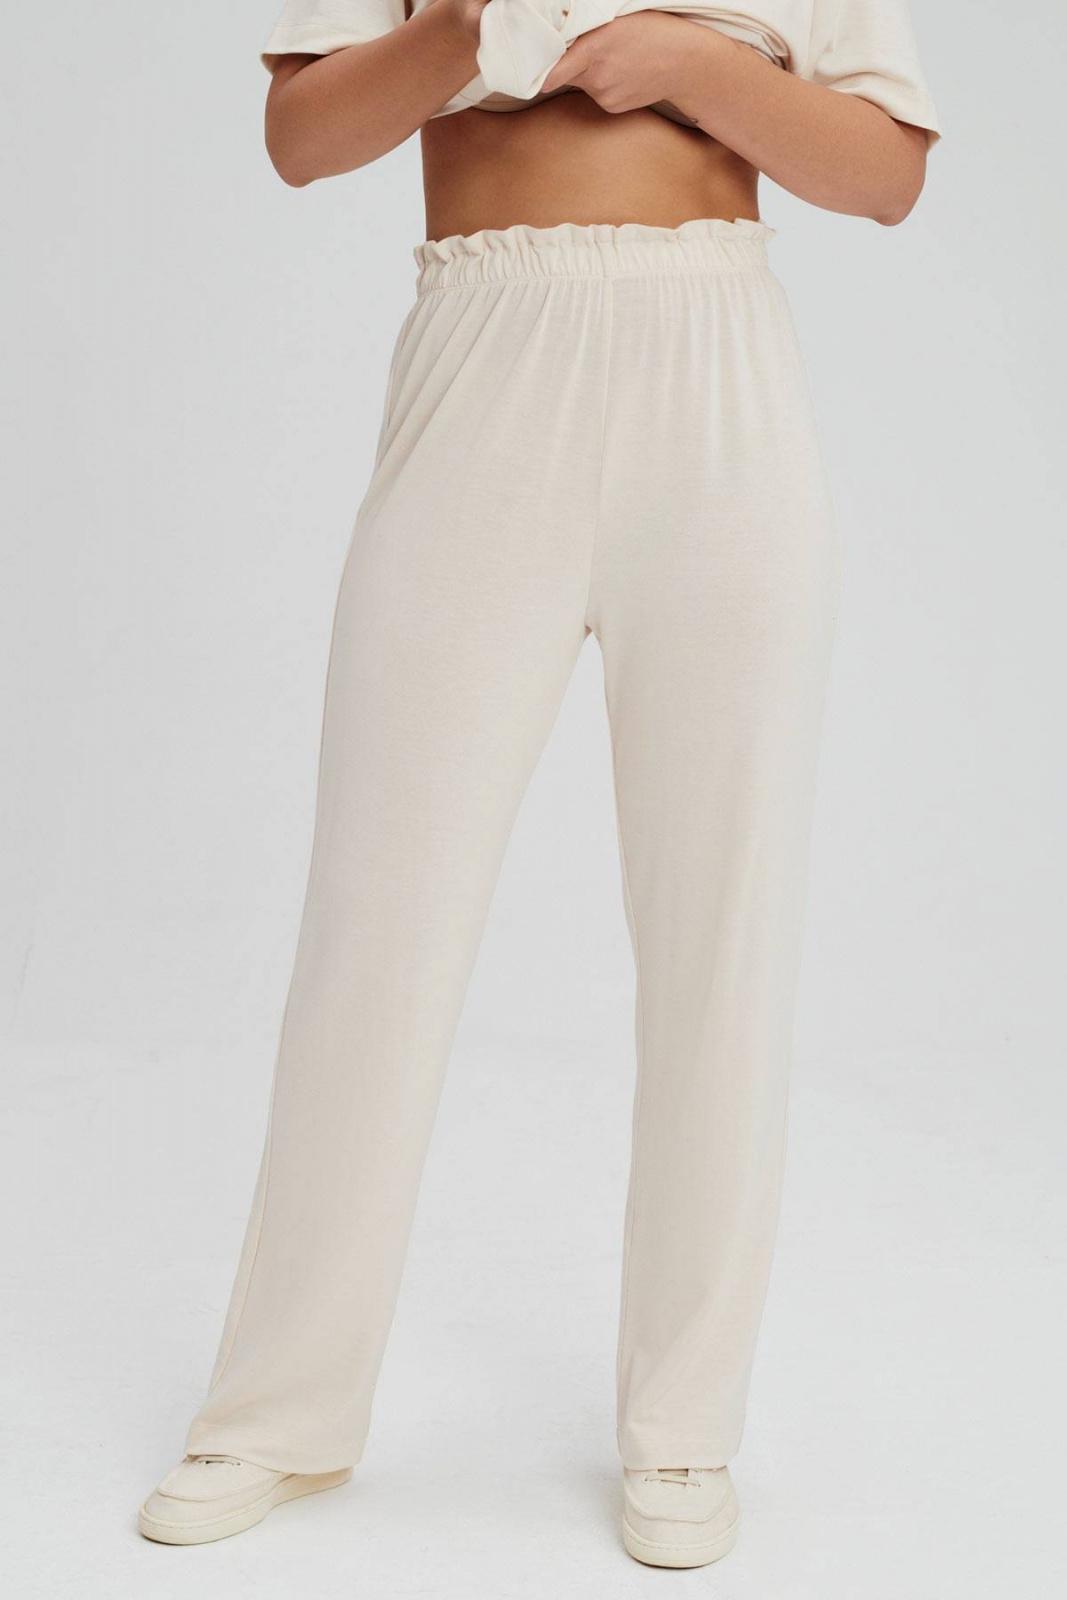 Chance Spodnie Spodnie, szorty Elementy